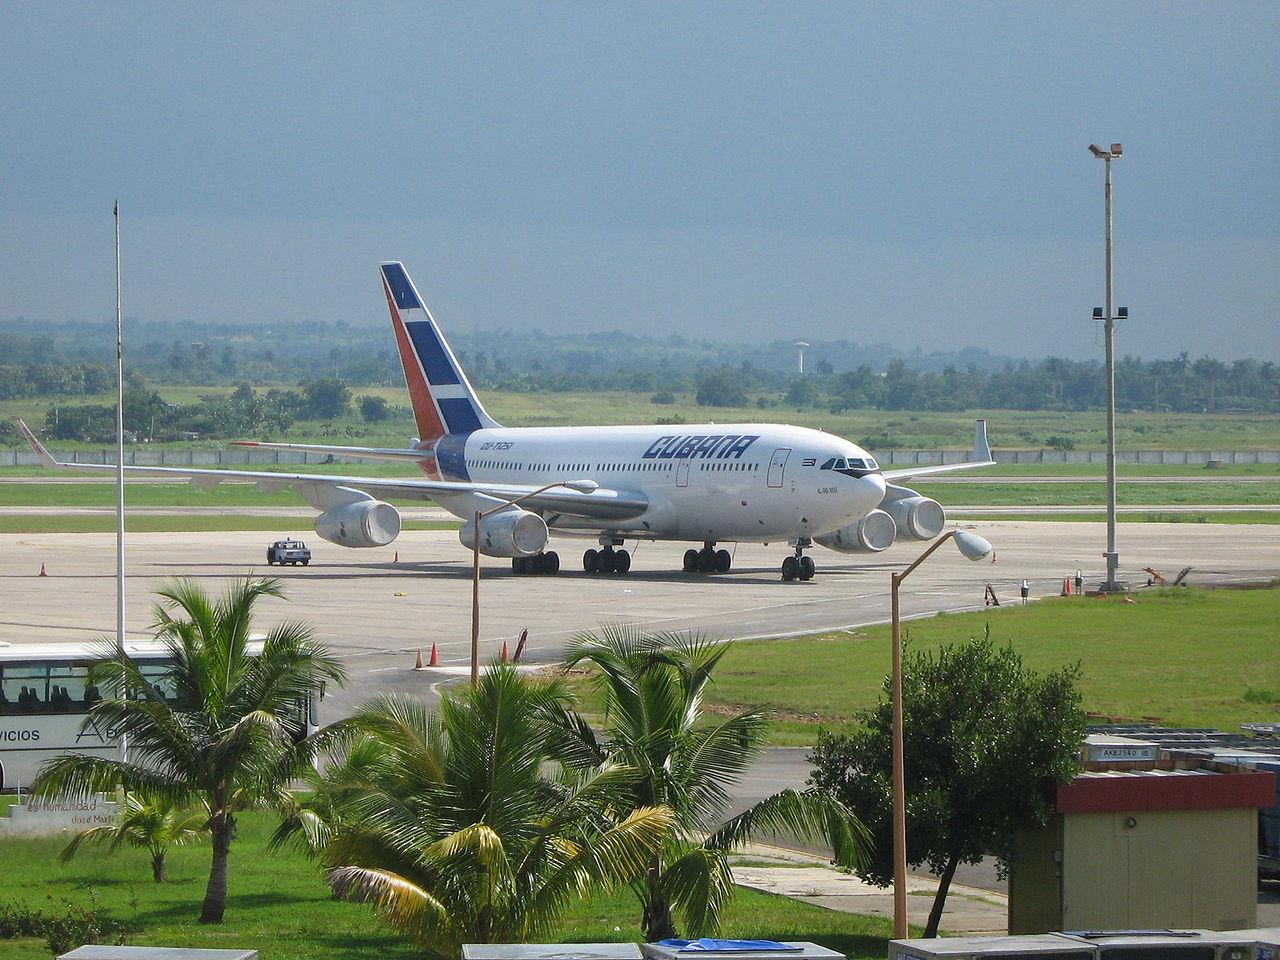 Aeropuerto Internacional José Martí: Llegadas de vuelos - Aeropuertos.Net